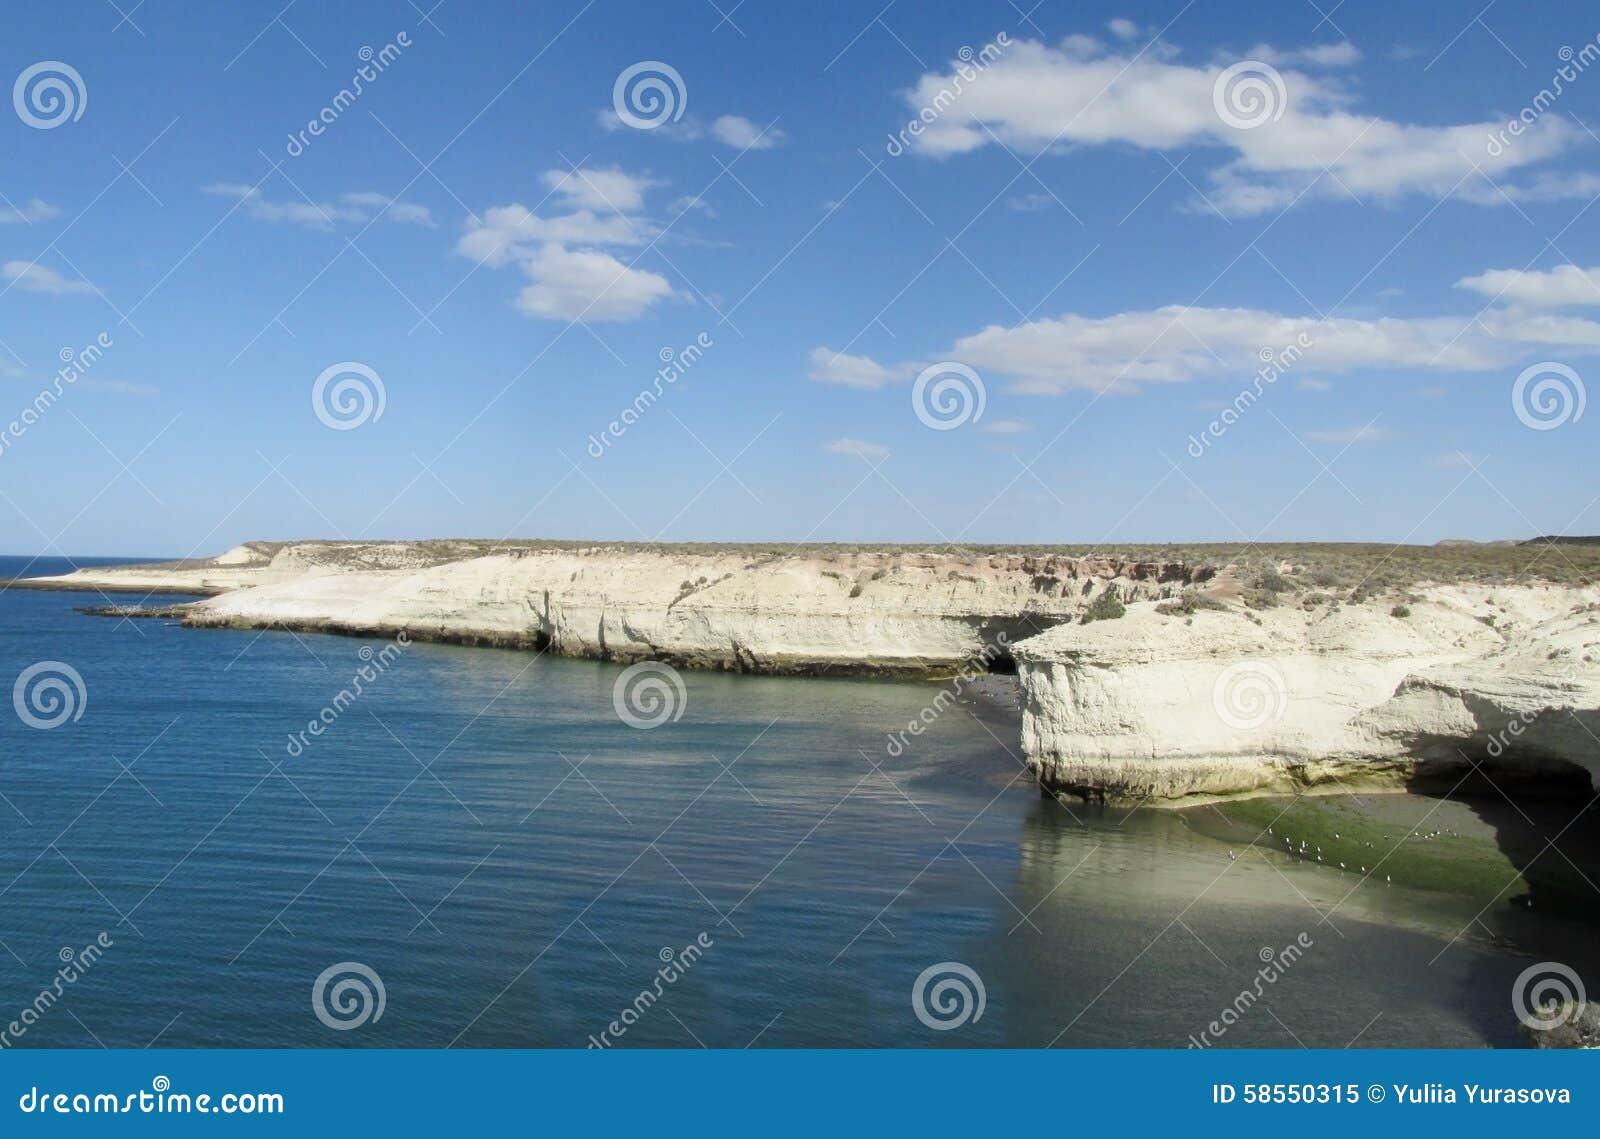 Ακρωτήριο με τους άσπρους απότομους βράχους στον ωκεανό